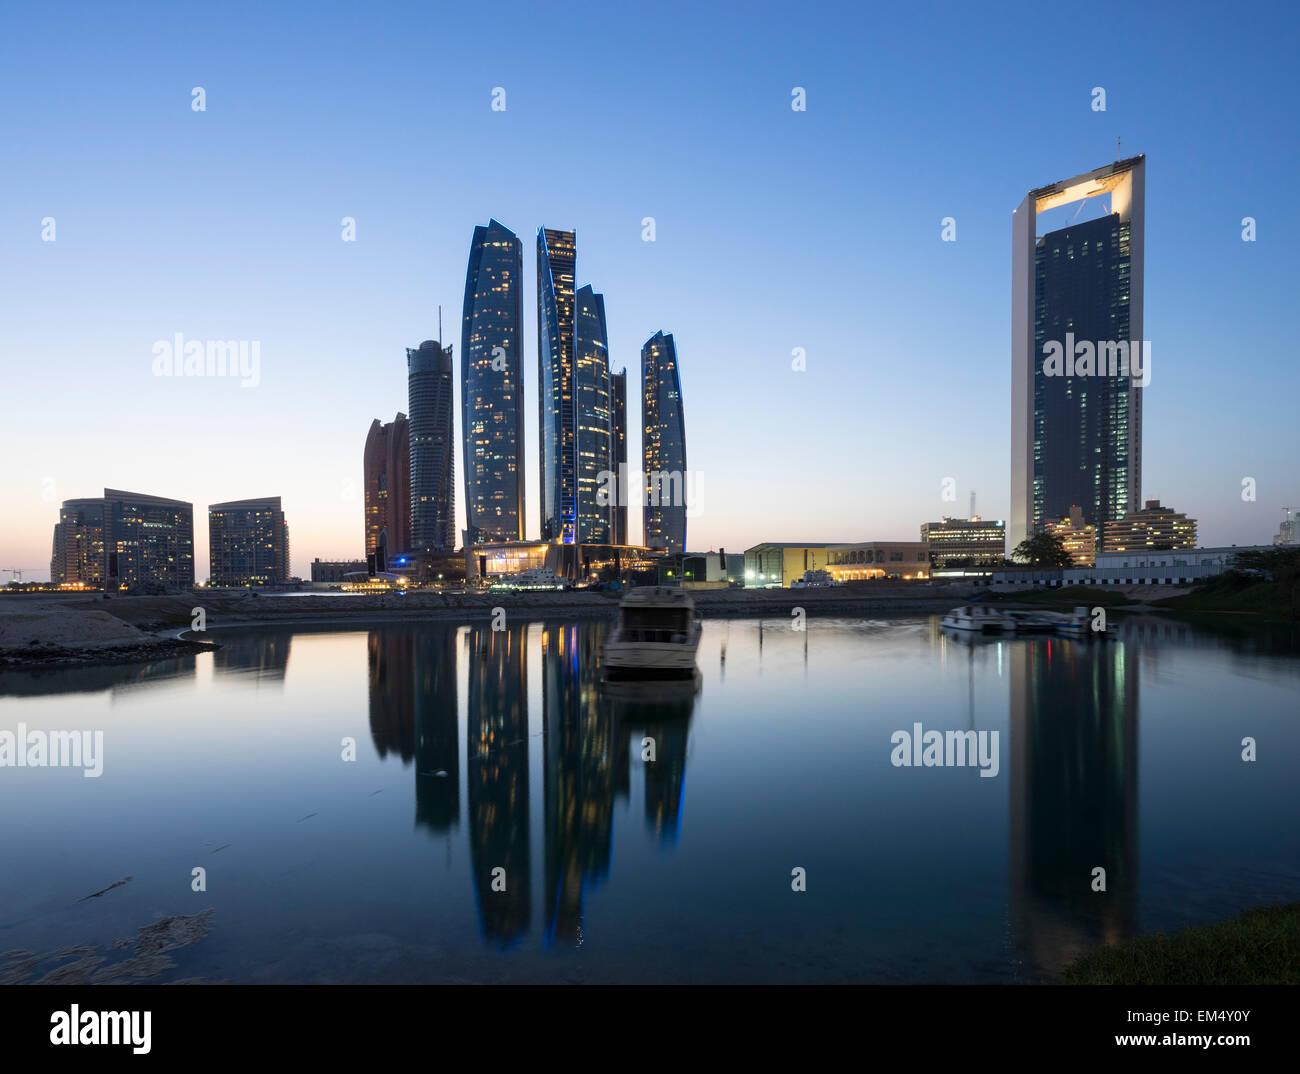 Nacht-Skyline-Blick von Etihad Towers in Abu Dhabi, Vereinigte Arabische Emirate Stockbild